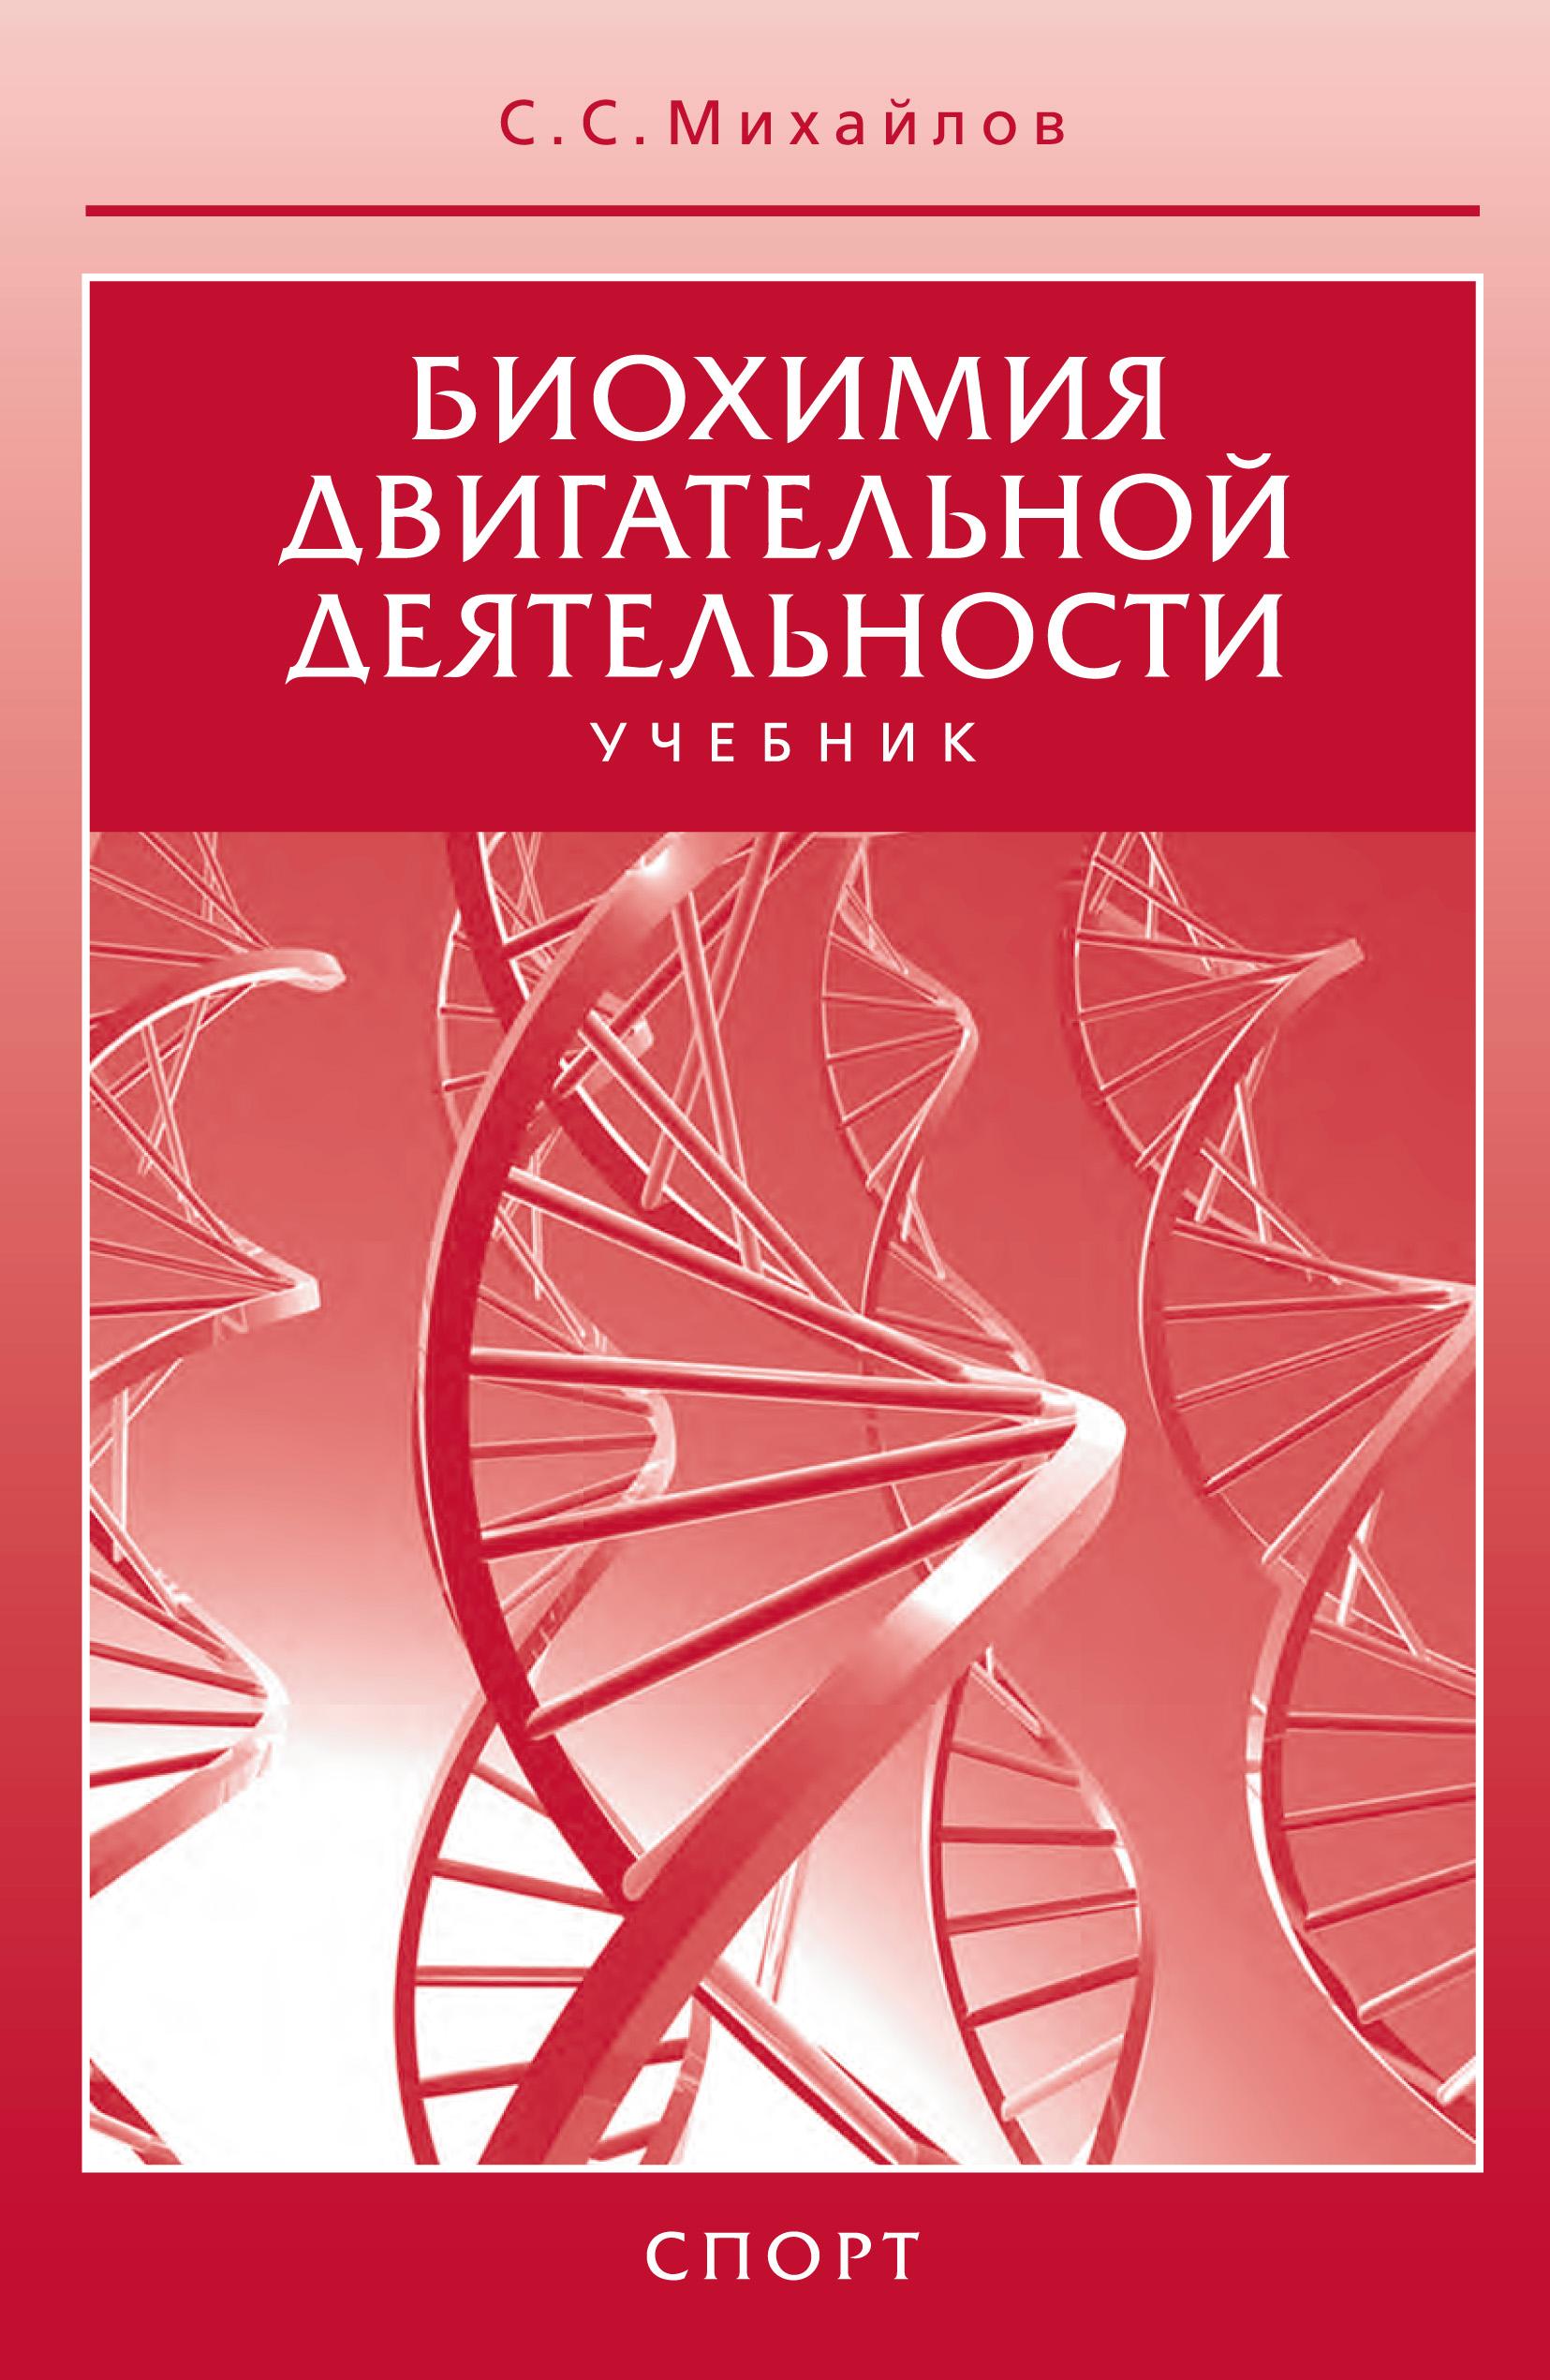 С. С. Михайлов Биохимия двигательной деятельности. Учебник михайлов с биохимия двигательной деятельности учебник